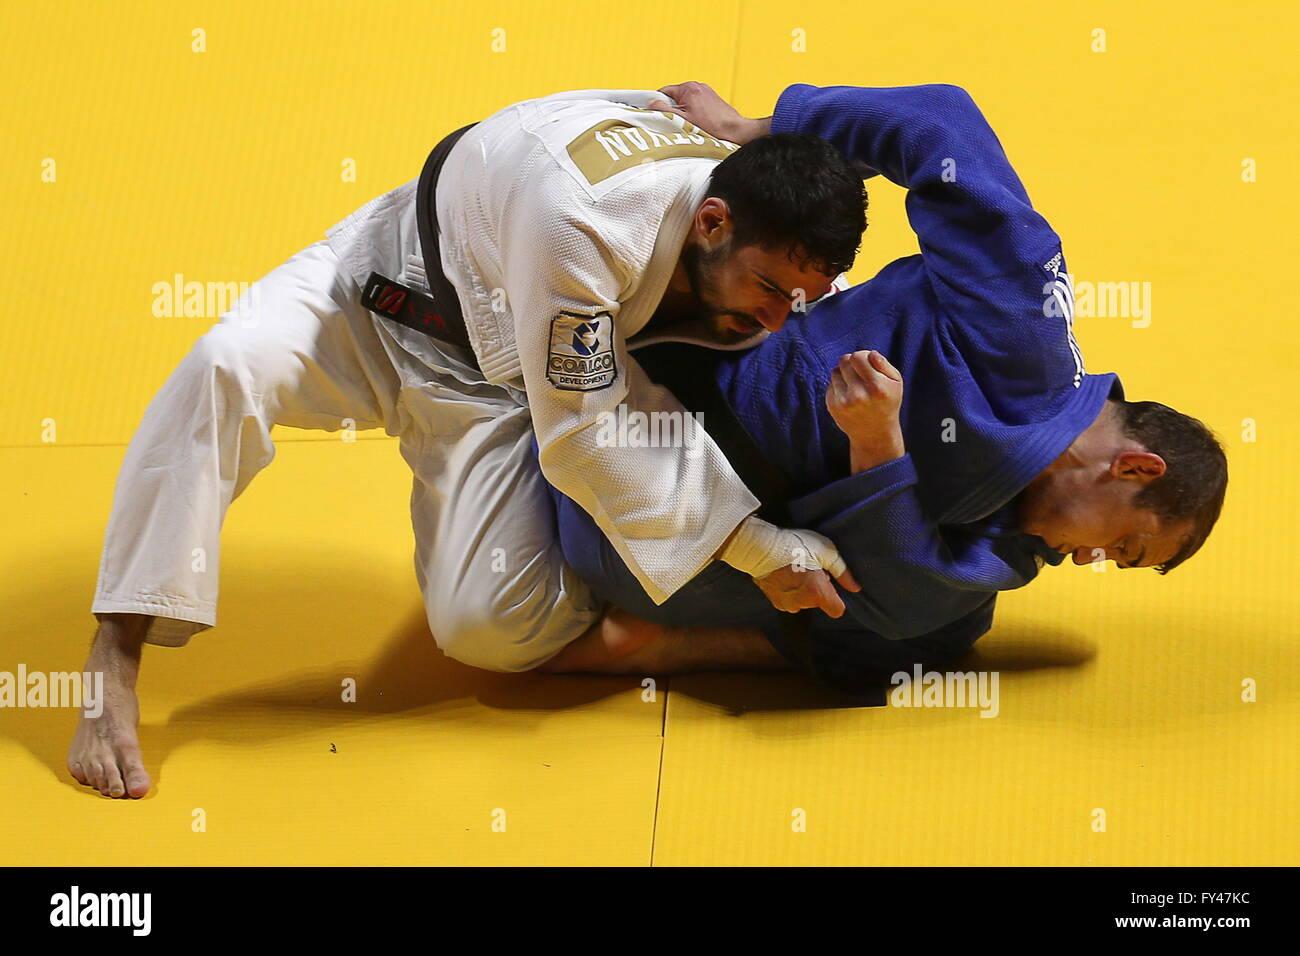 Kazan, Rusia. 21 abr, 2016. La yudoca rusa Arsen Galstyan (L) y el ucraniano yudoca Gevorg Khachatrian competir Imagen De Stock